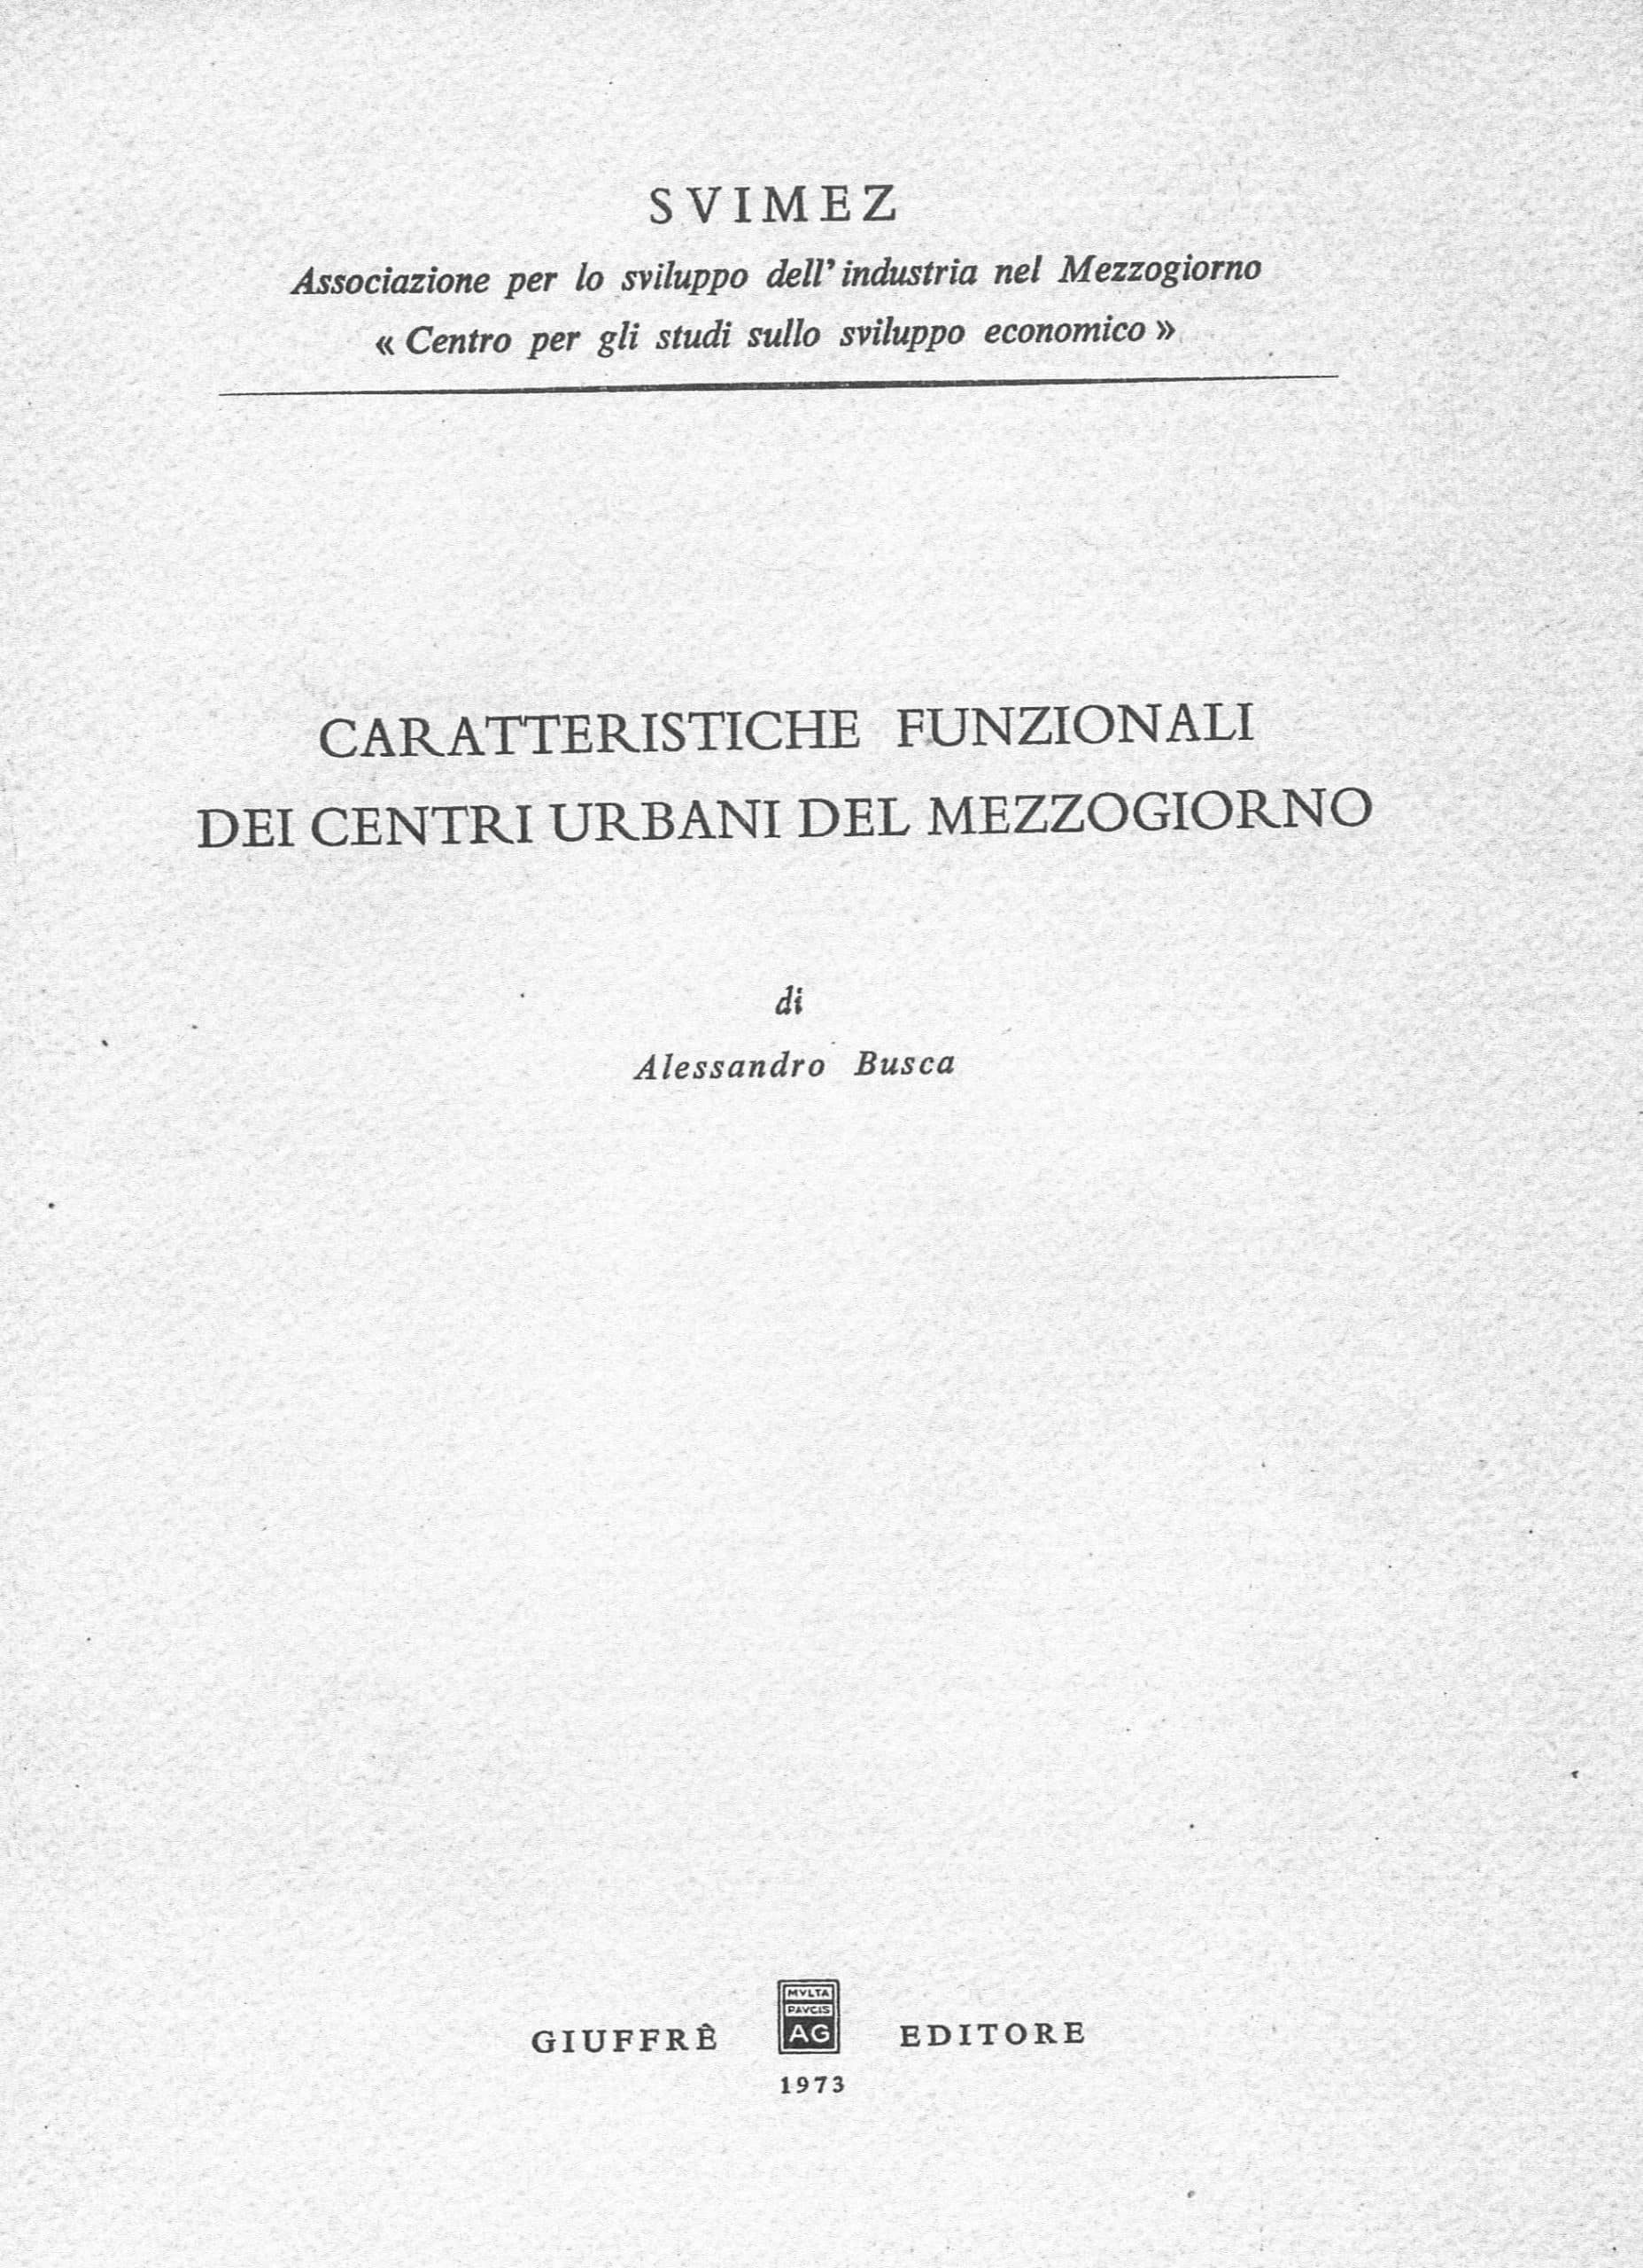 4 - Caratteristiche funzionali dei centri urbani del Mezzogiorno, Giuffrè Editore, Roma 1973 - Copertina